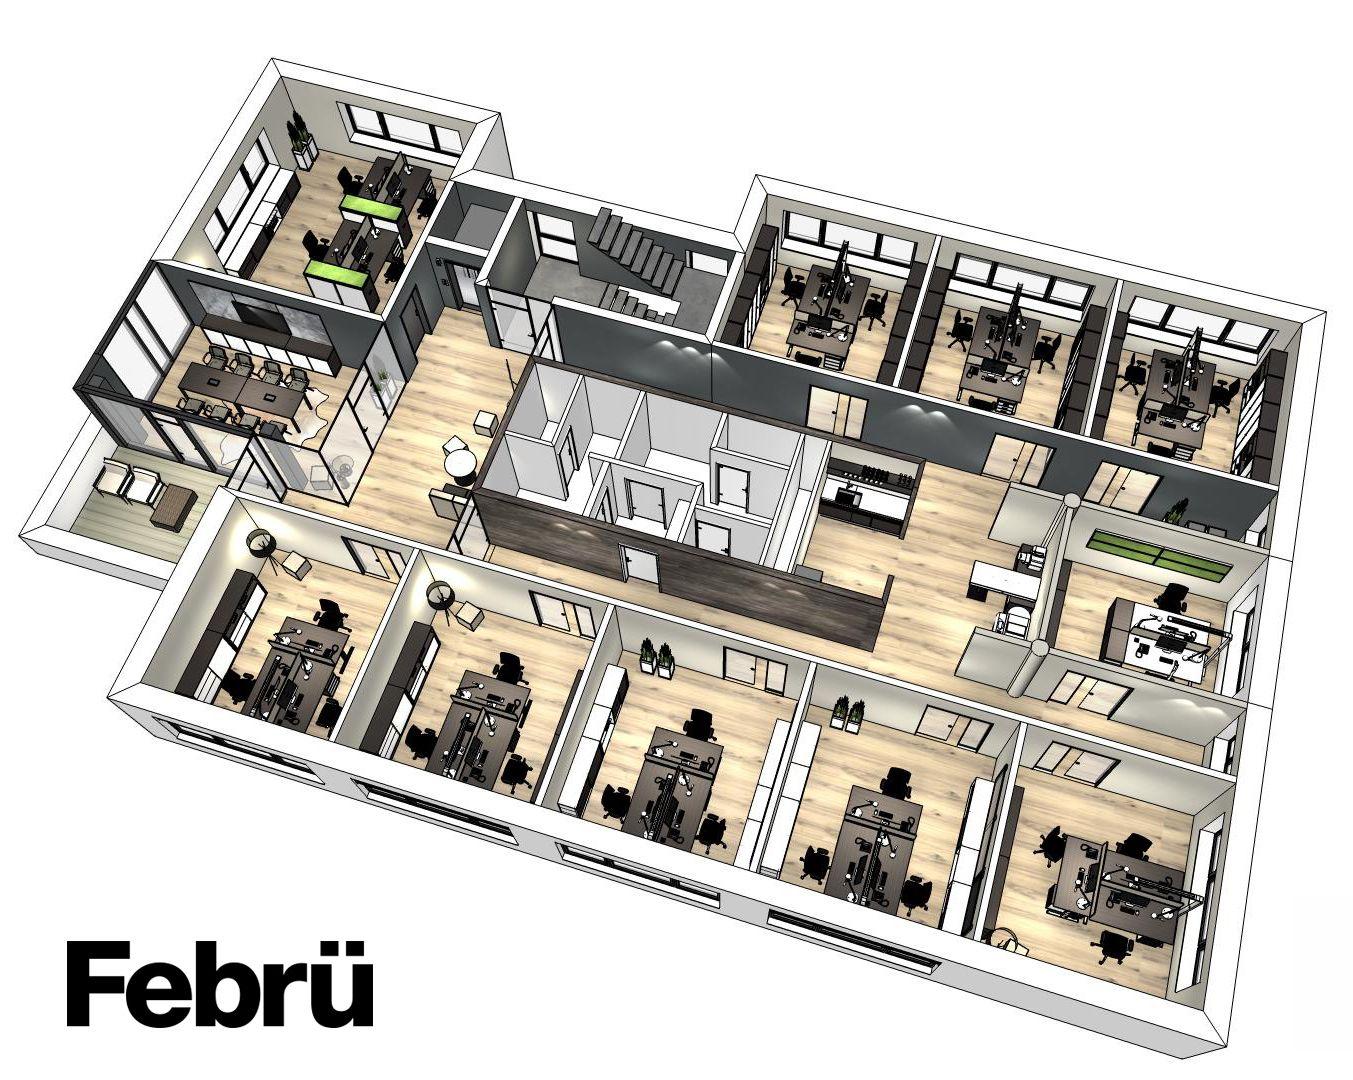 moderne burokonzepte grundriss, grundriss büro: einzel- und teambüros mit konferenzraum und kleiner, Design ideen